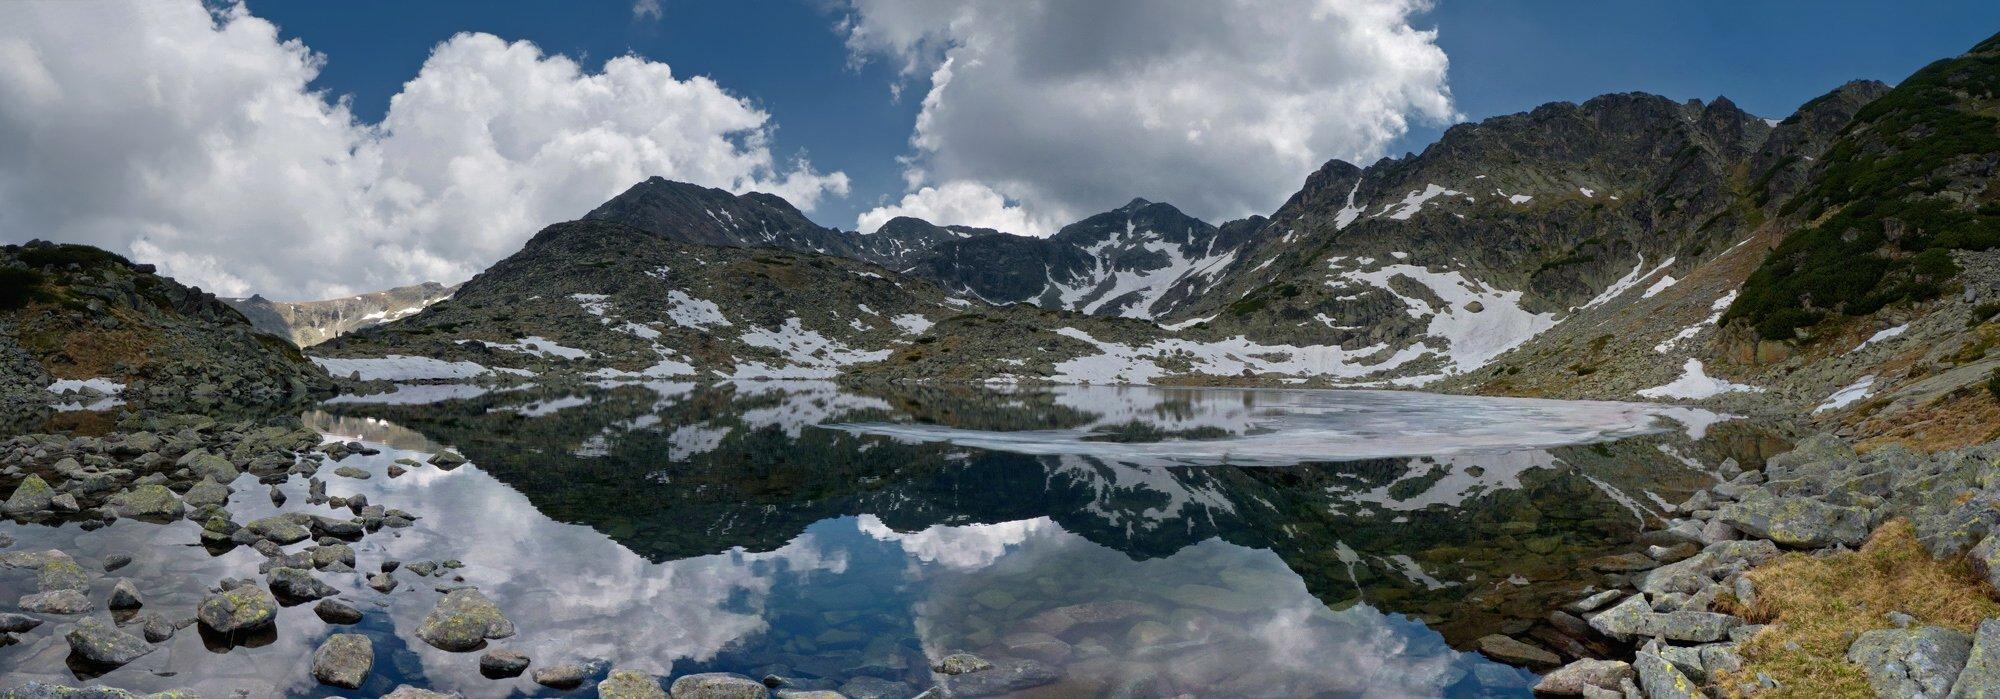 bulgaria, musala, peak, Svetoslav Georgiev